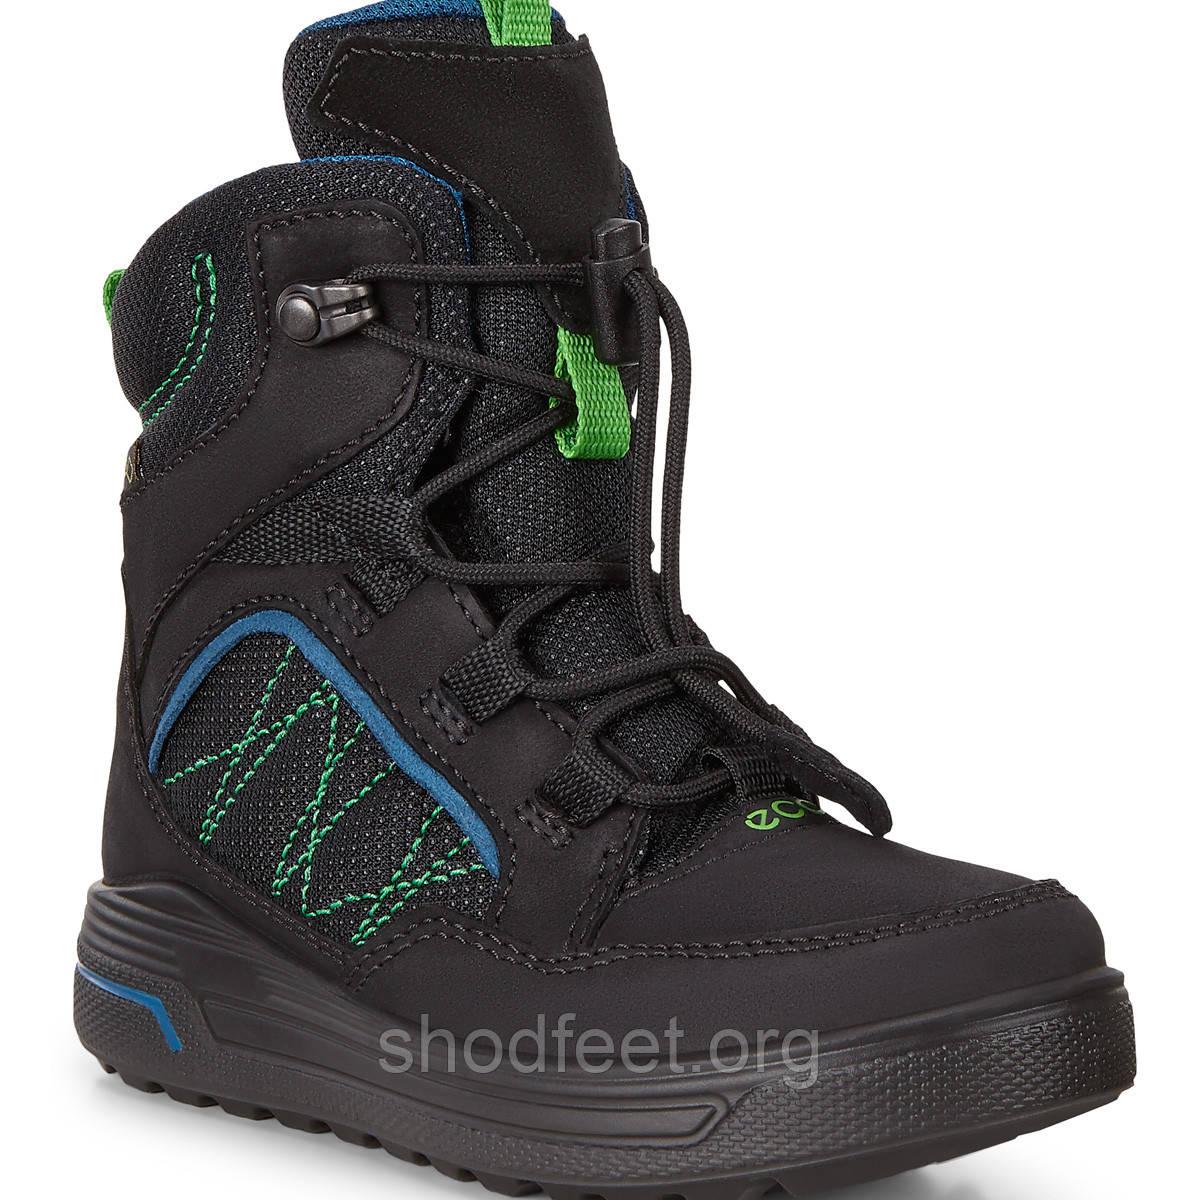 Подростковые ботинки Ecco Urban Snowboarder 722313-59626